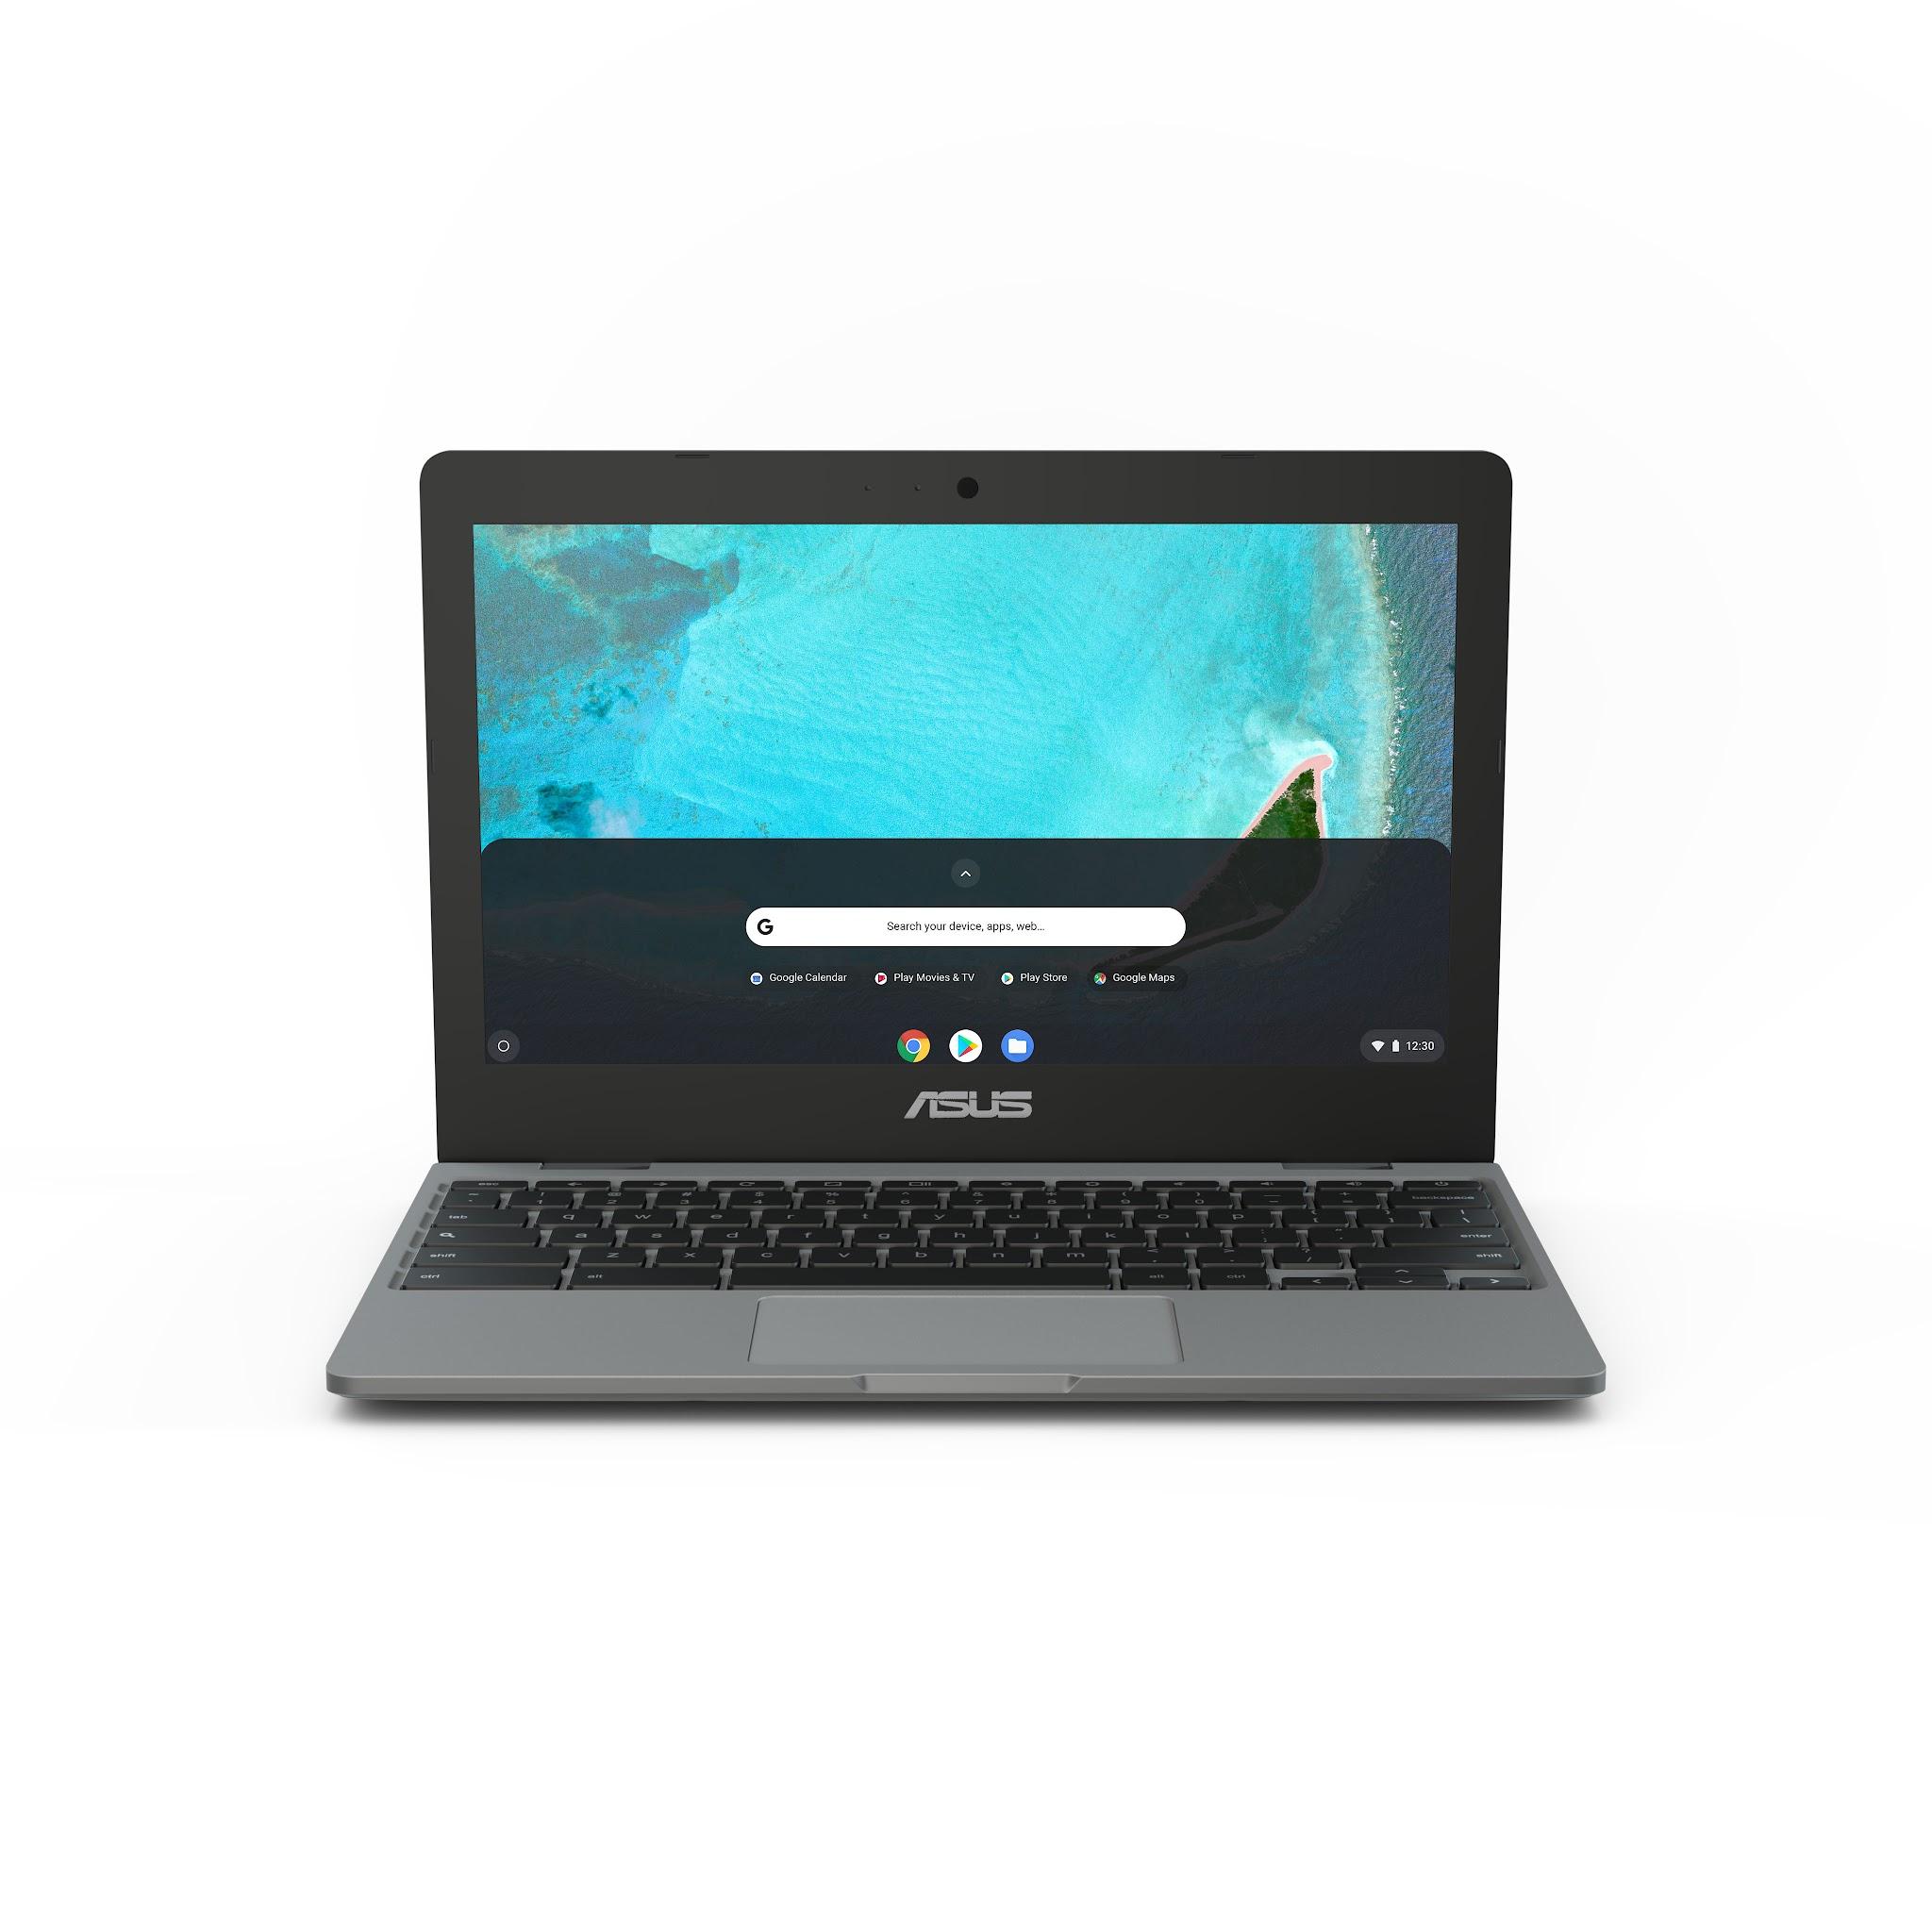 ASUS Chromebook C223 - photo 2